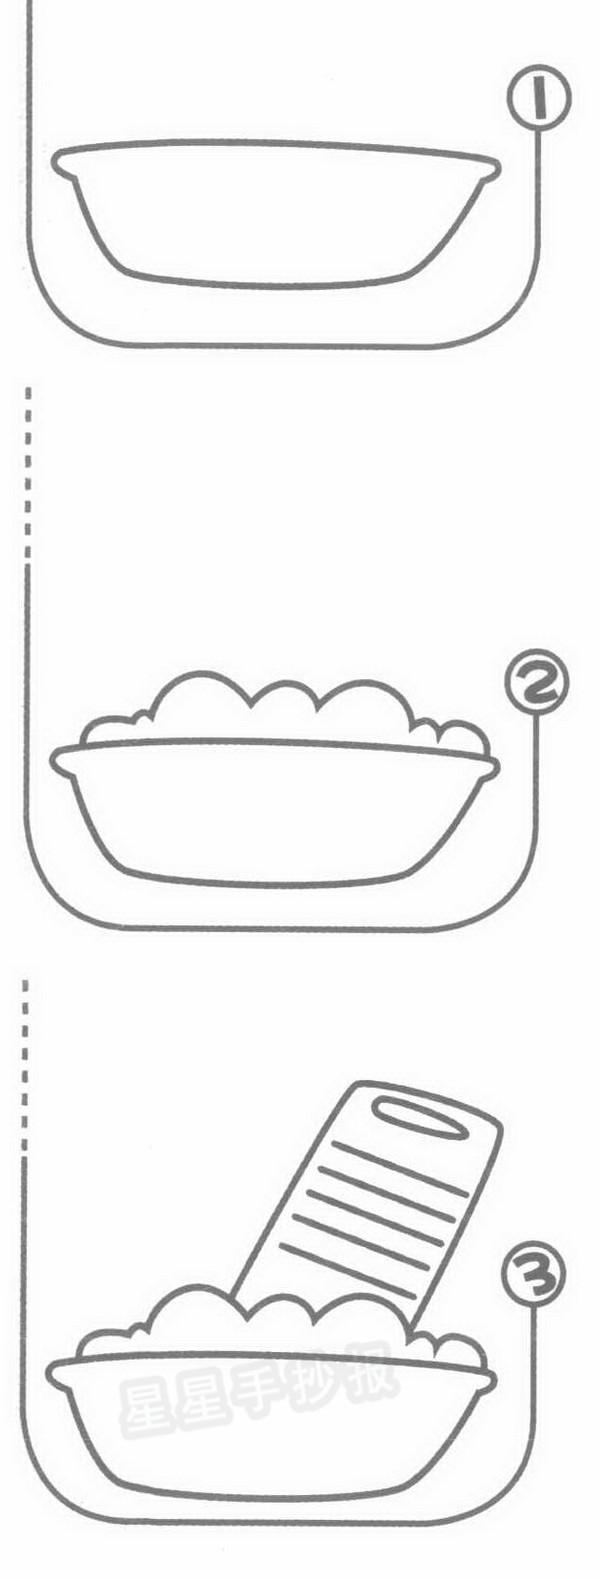 洗衣板简笔画